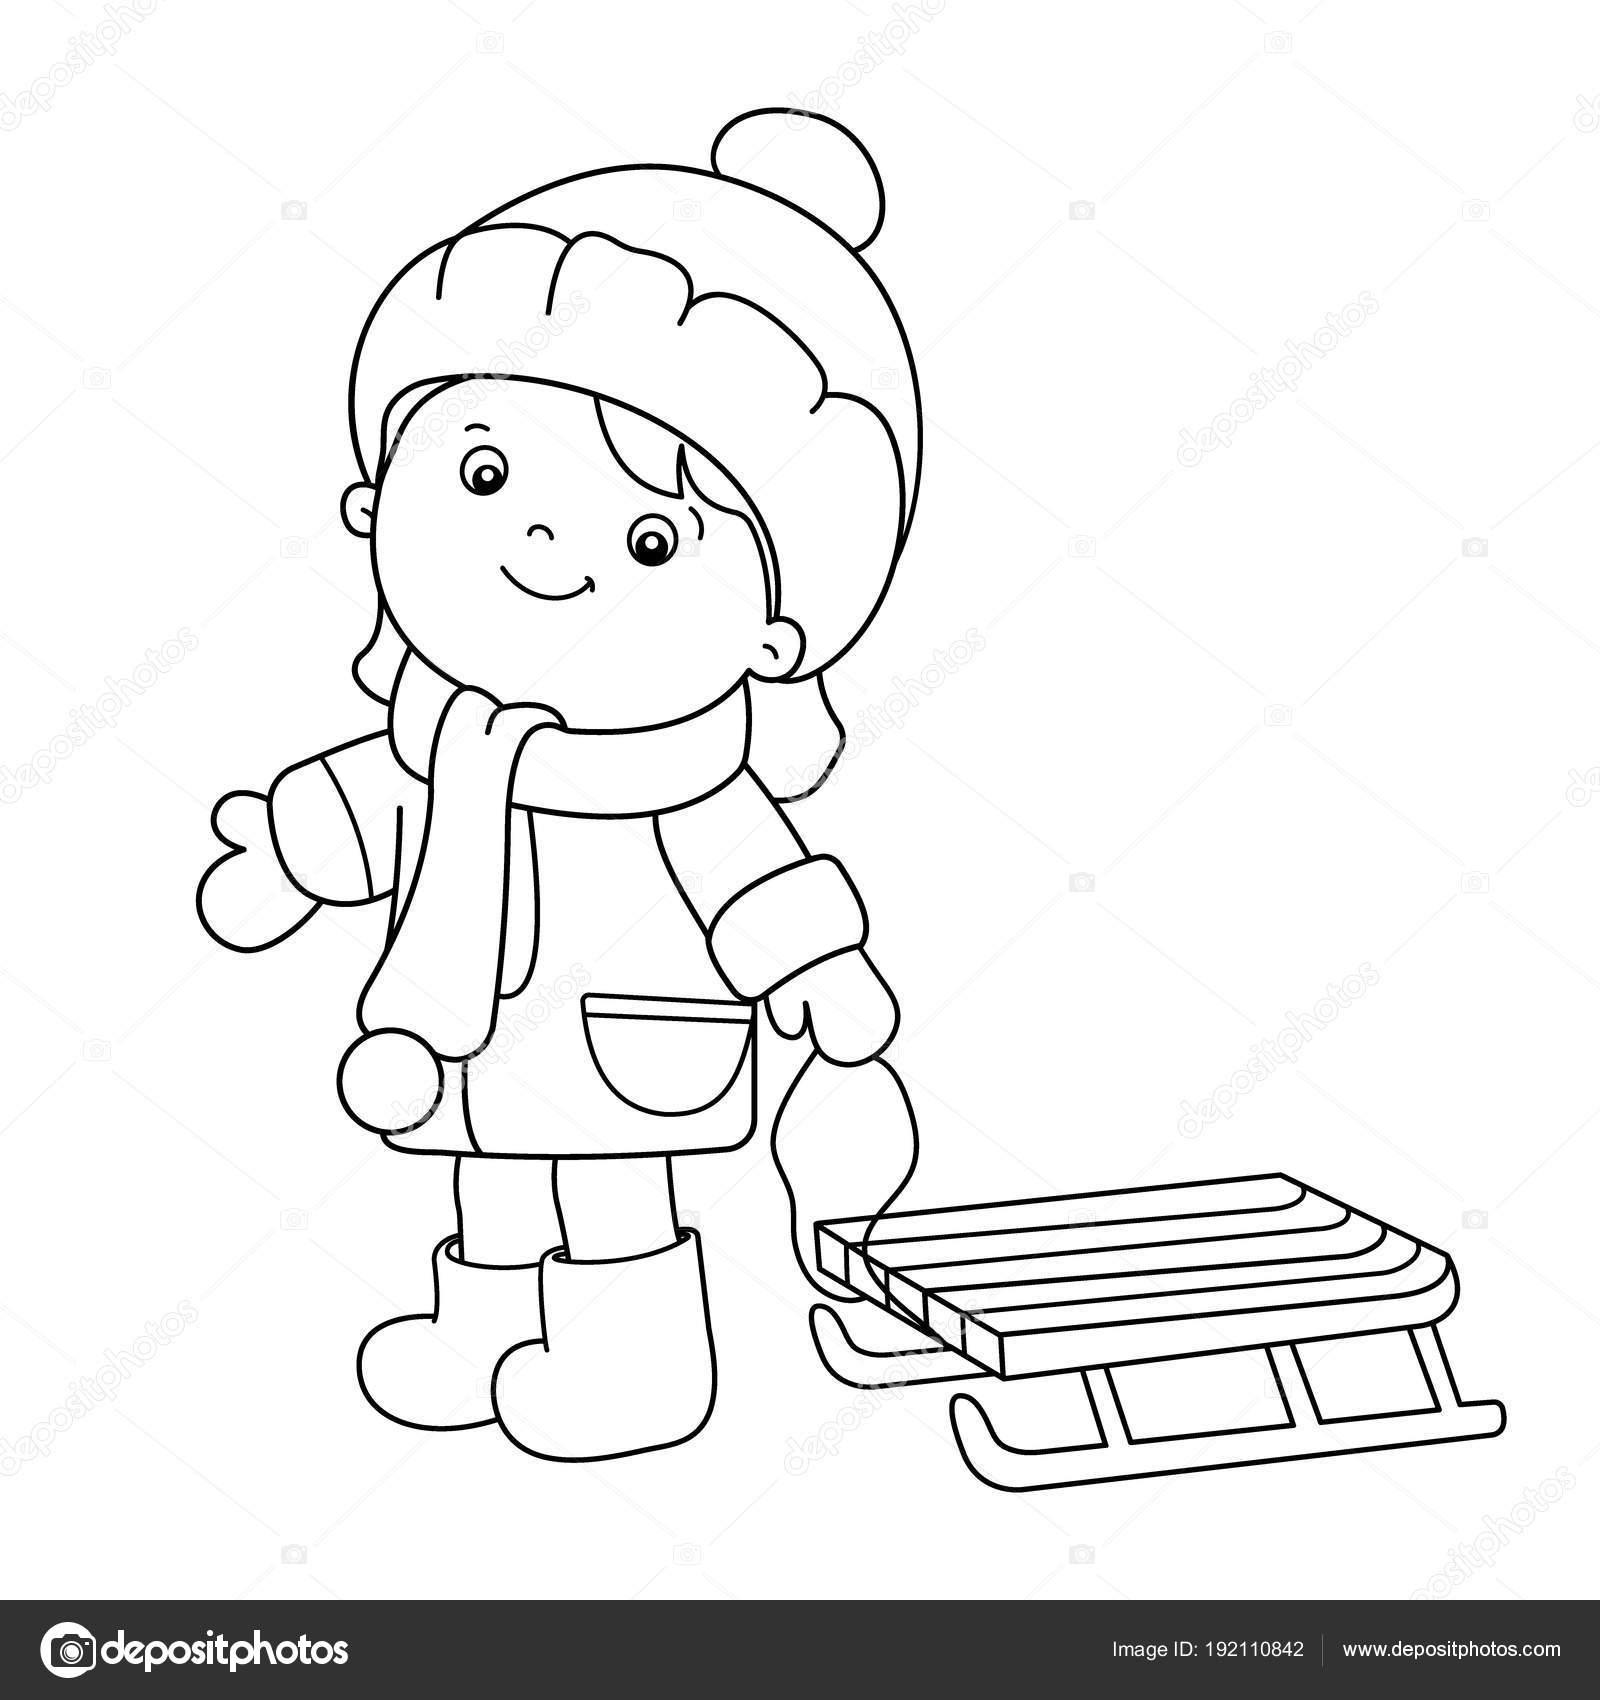 Immagini Disegno Di Una Slitta Per Bambini Disegni Da Colorare